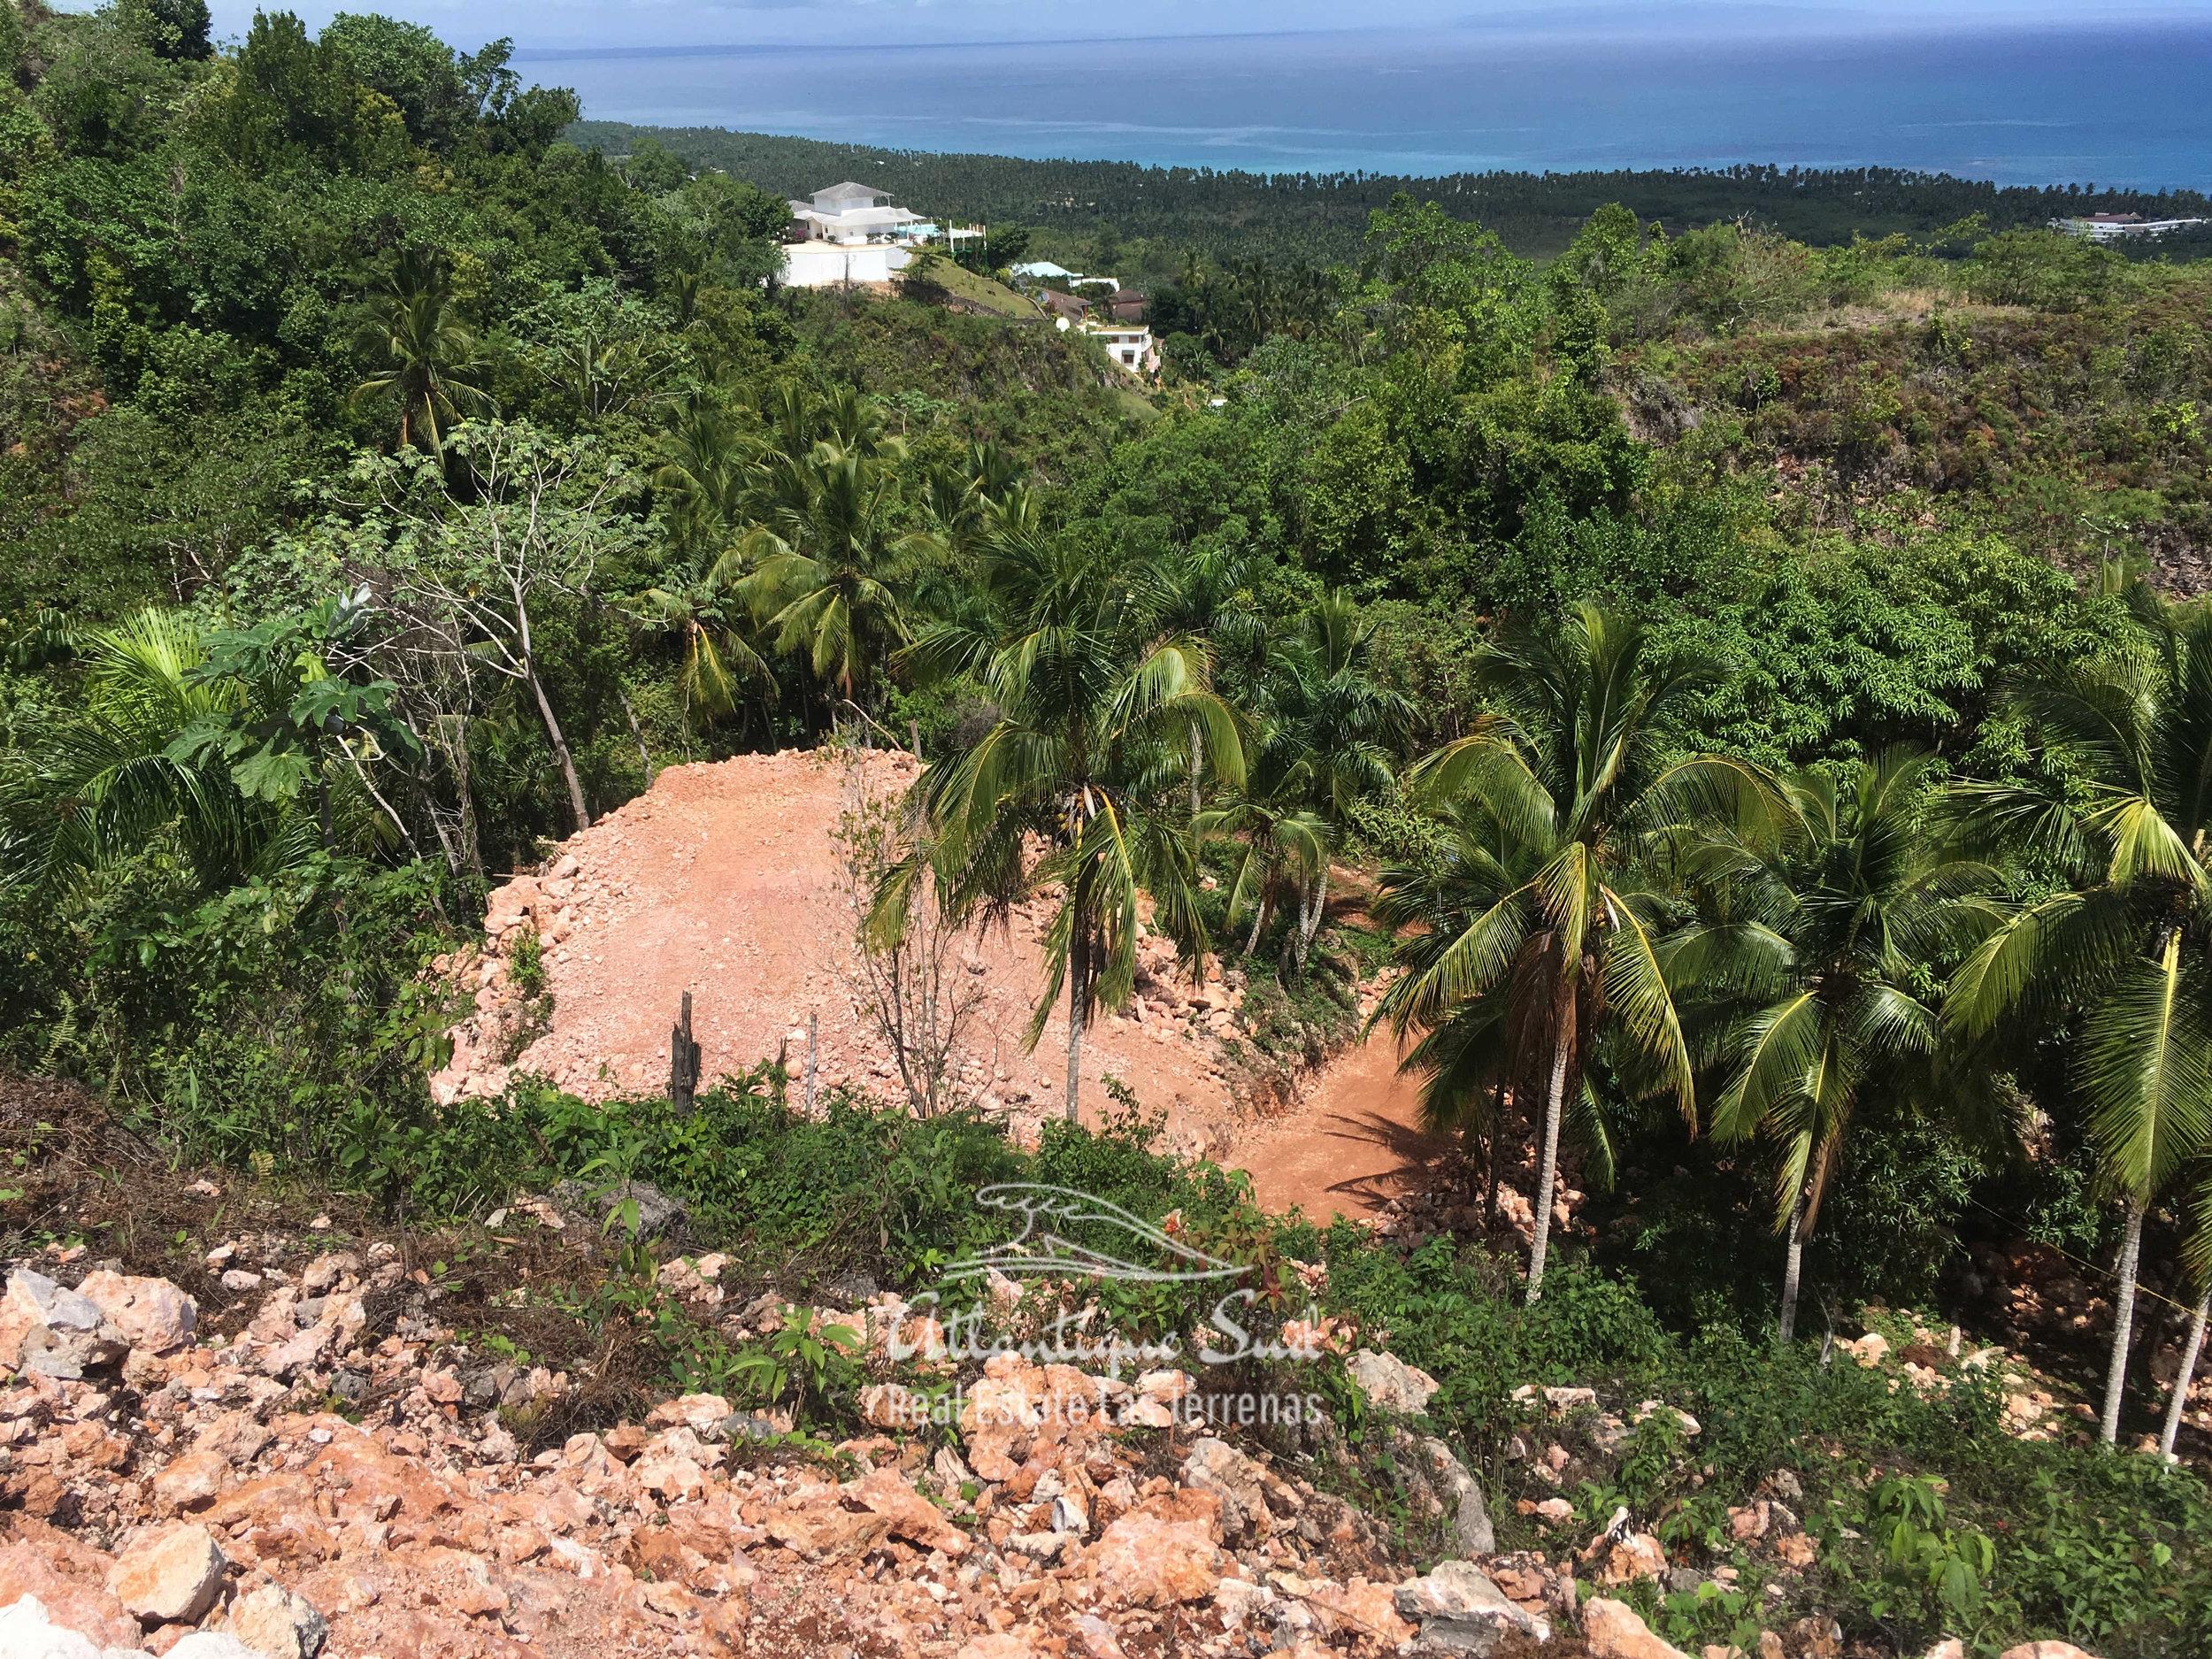 Lots with villas to build in Coson las terrenas21.jpg